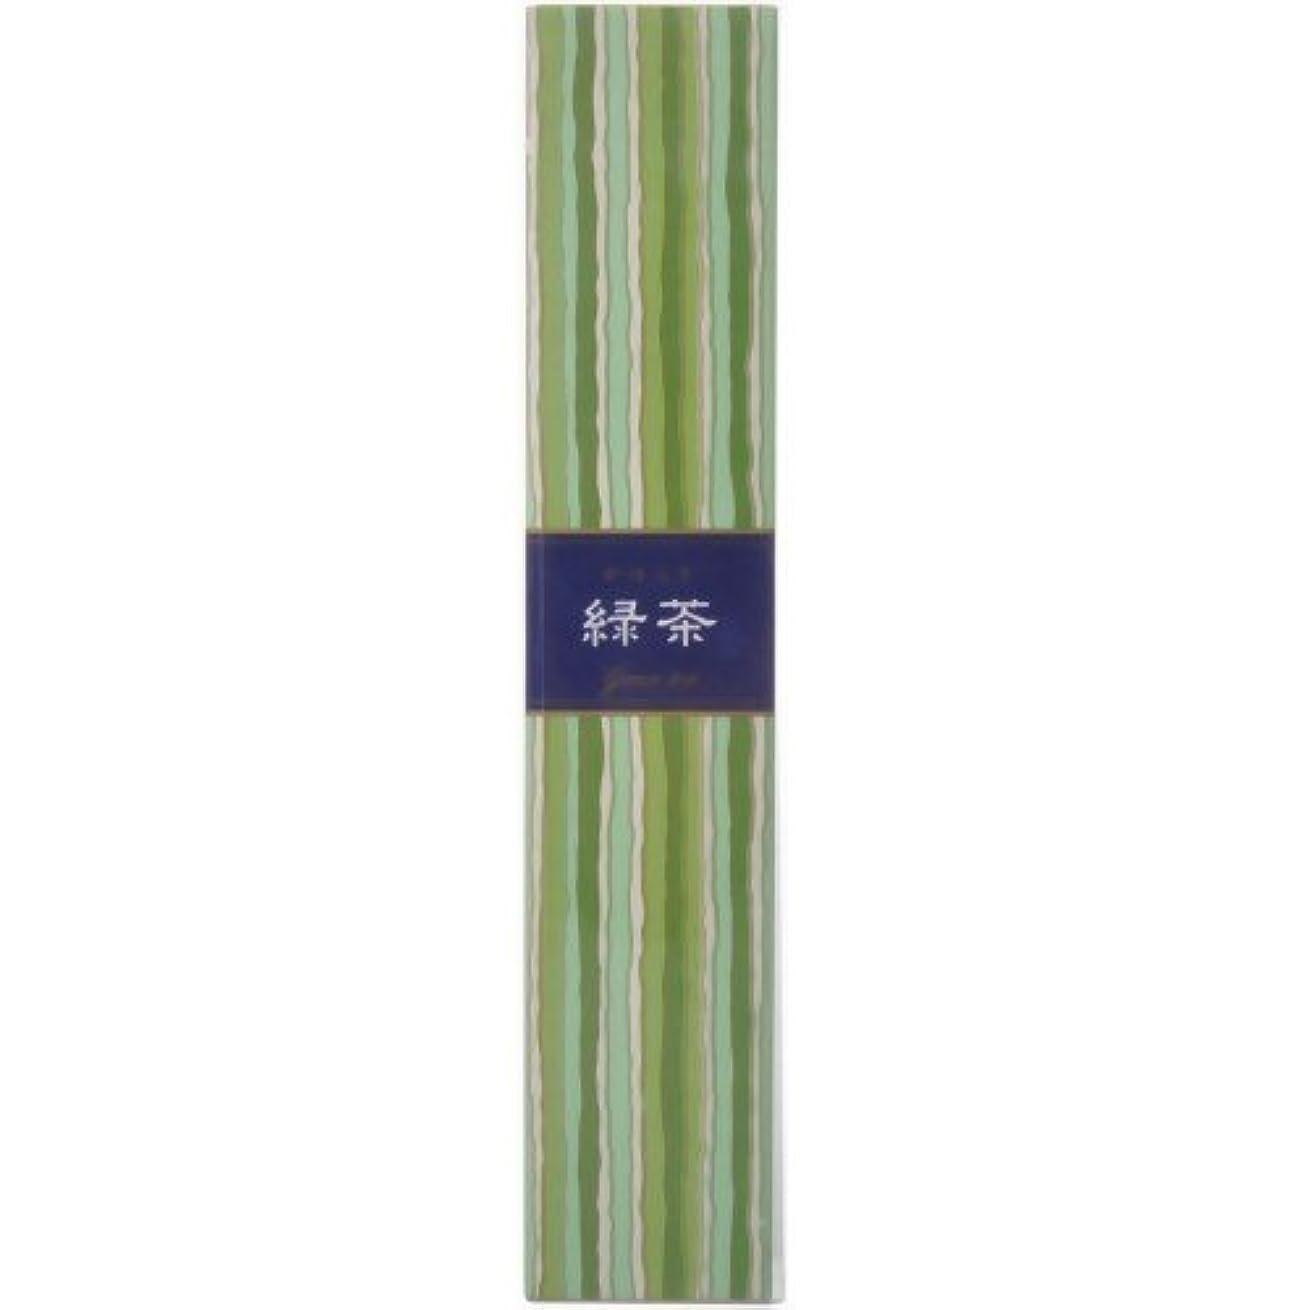 肥満料理をする小麦粉【セット品】かゆらぎ 緑茶 スティック40本入 香立付 ×3個